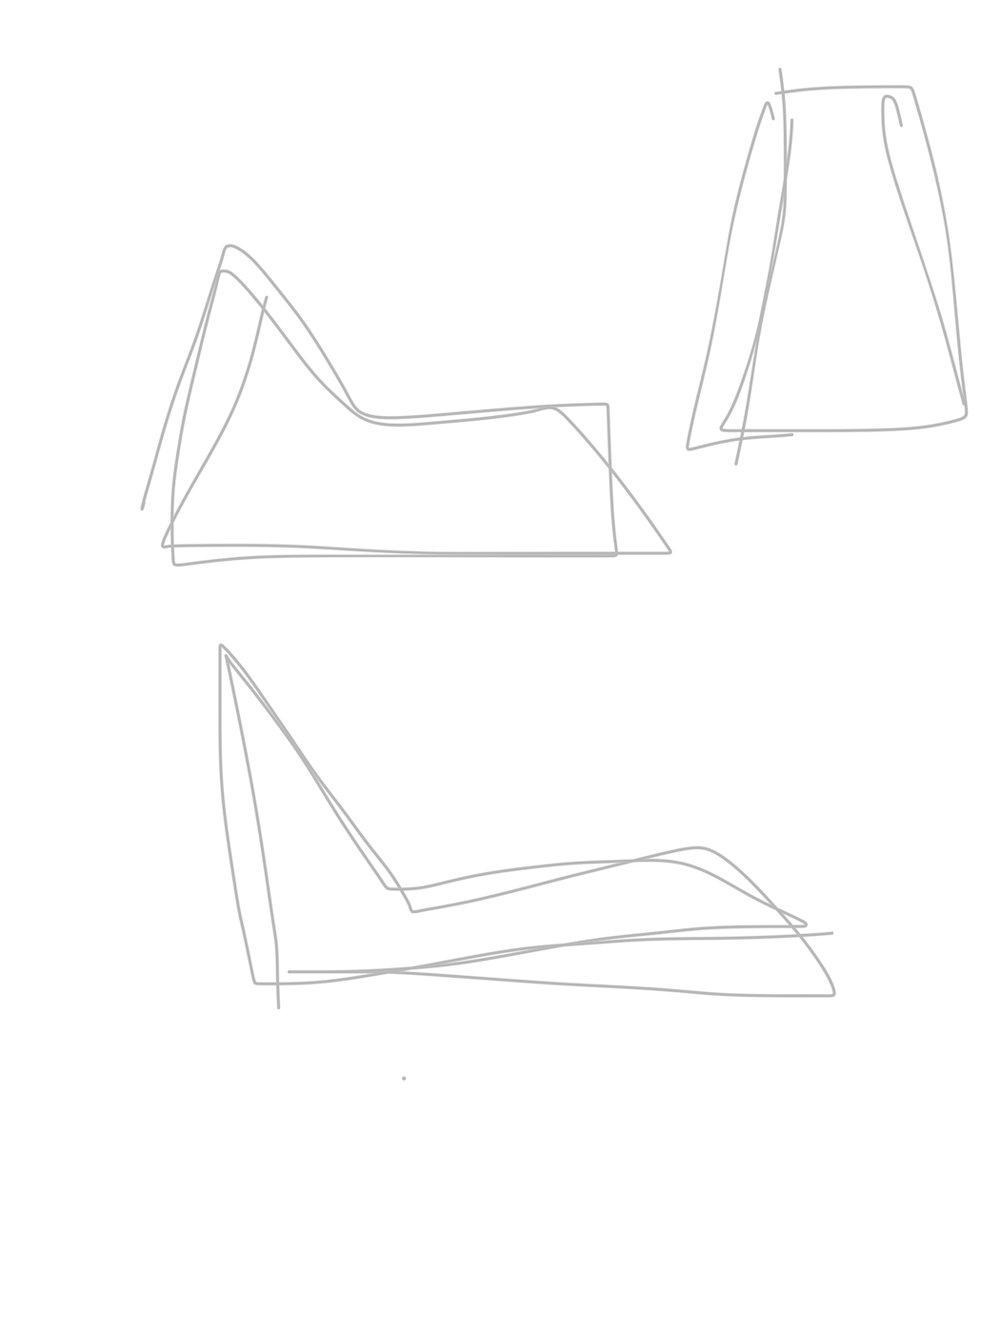 Sketch-403.jpg